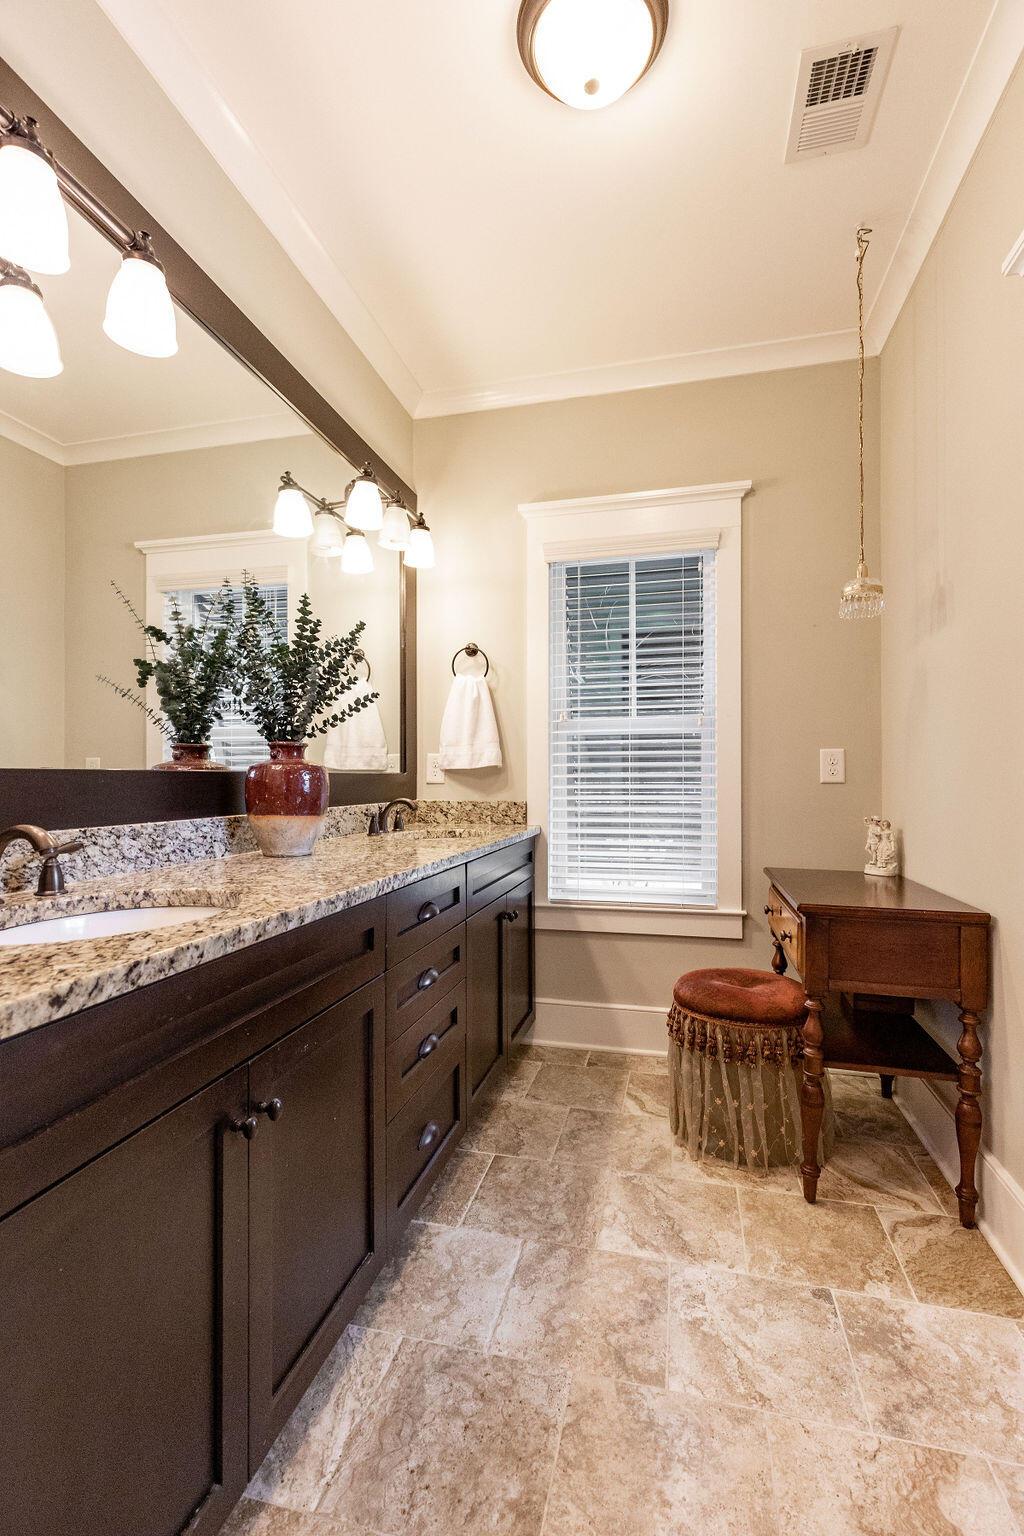 Dunes West Homes For Sale - 2705 Fountainhead, Mount Pleasant, SC - 50